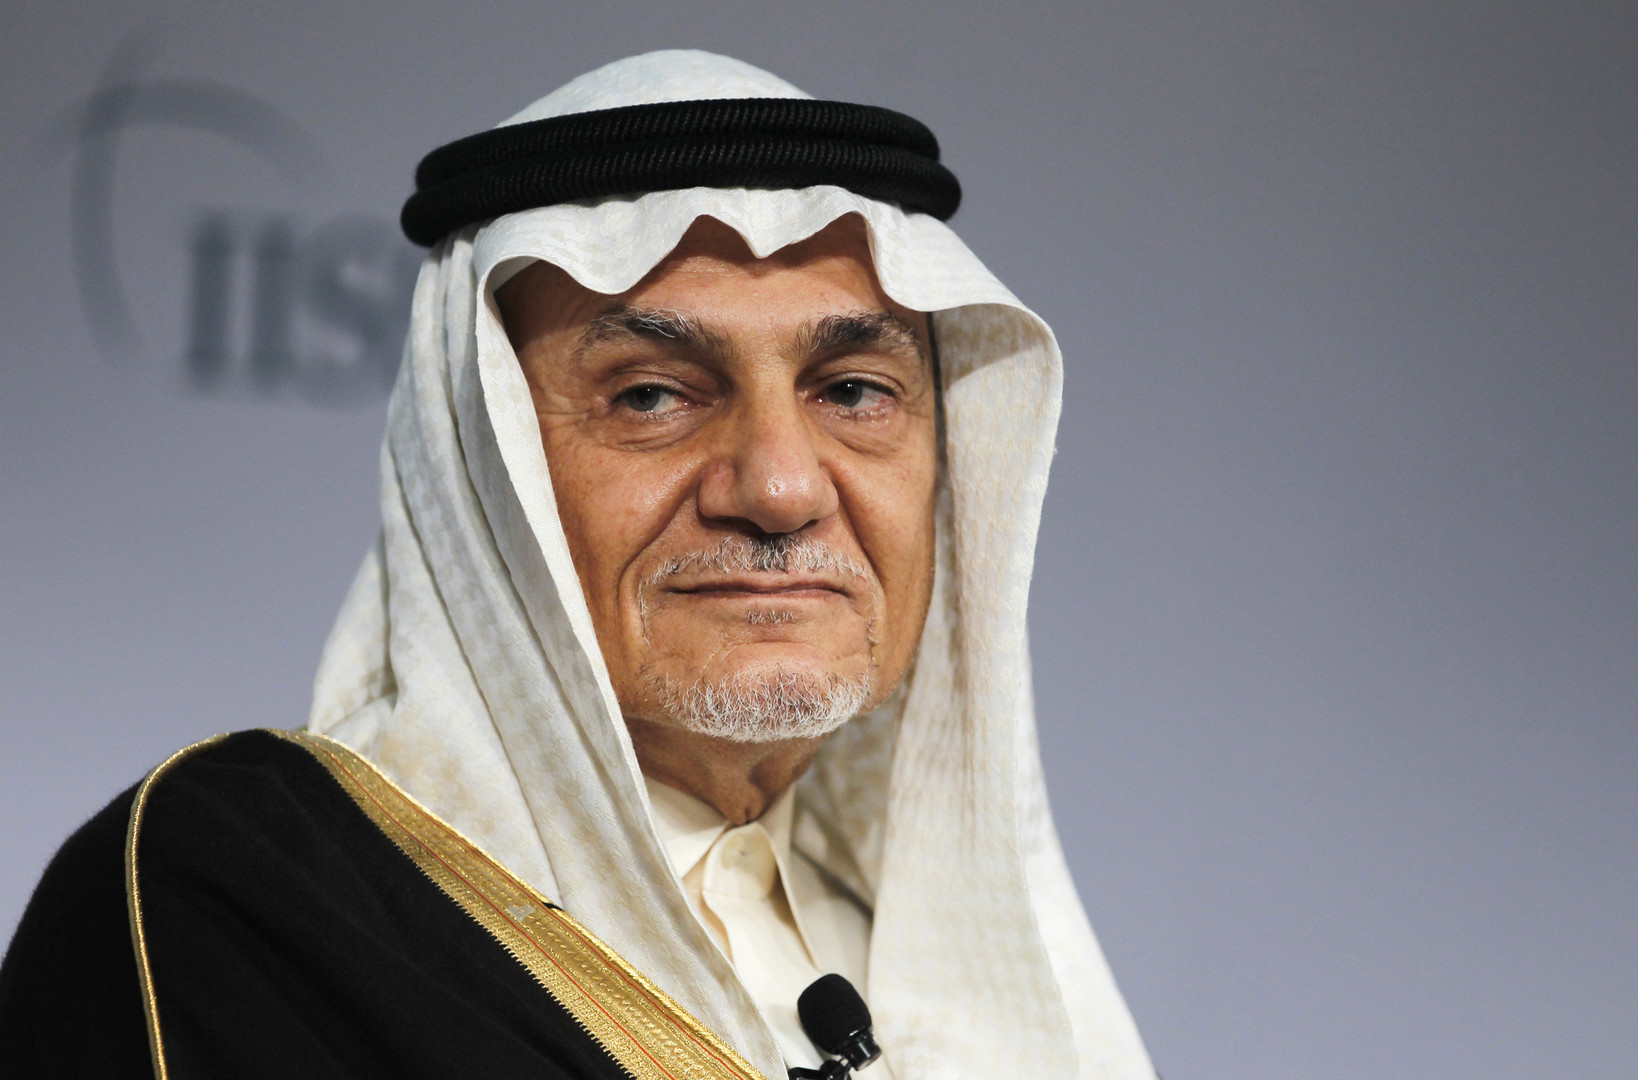 رئيس استخبارات السعودية الأسبق: قطر تواصلت مع